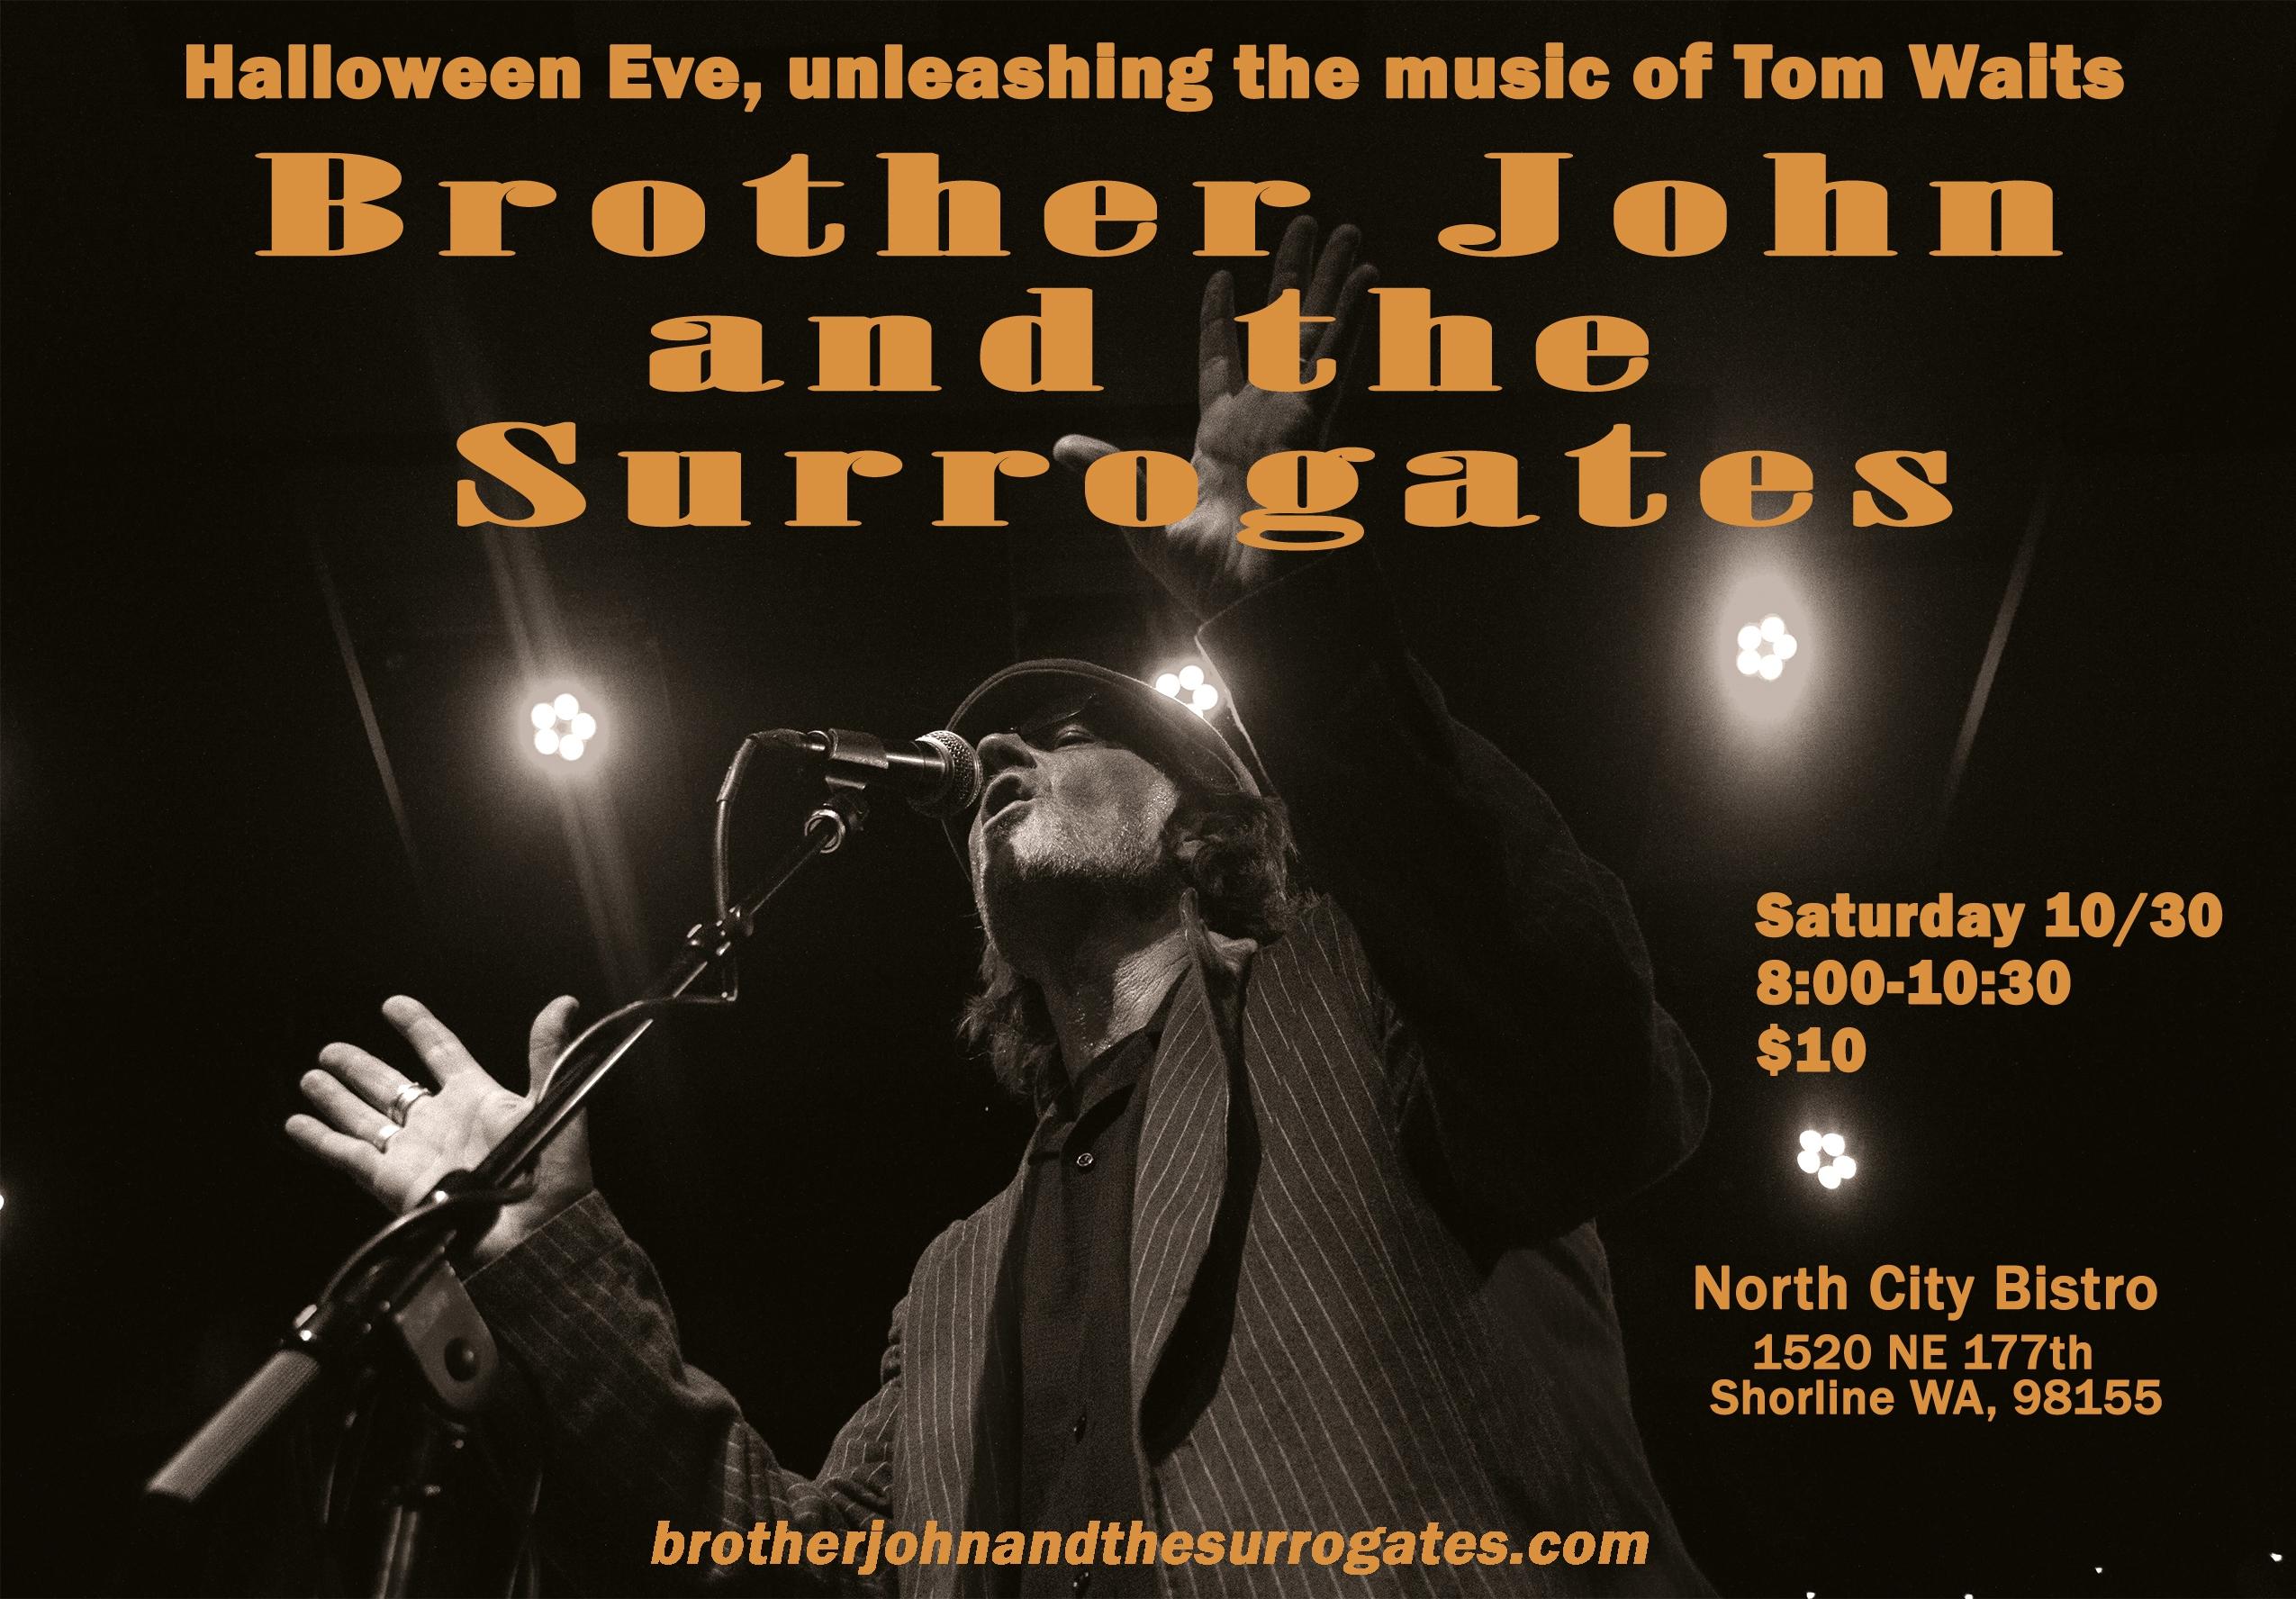 Brother John & the Surrogates